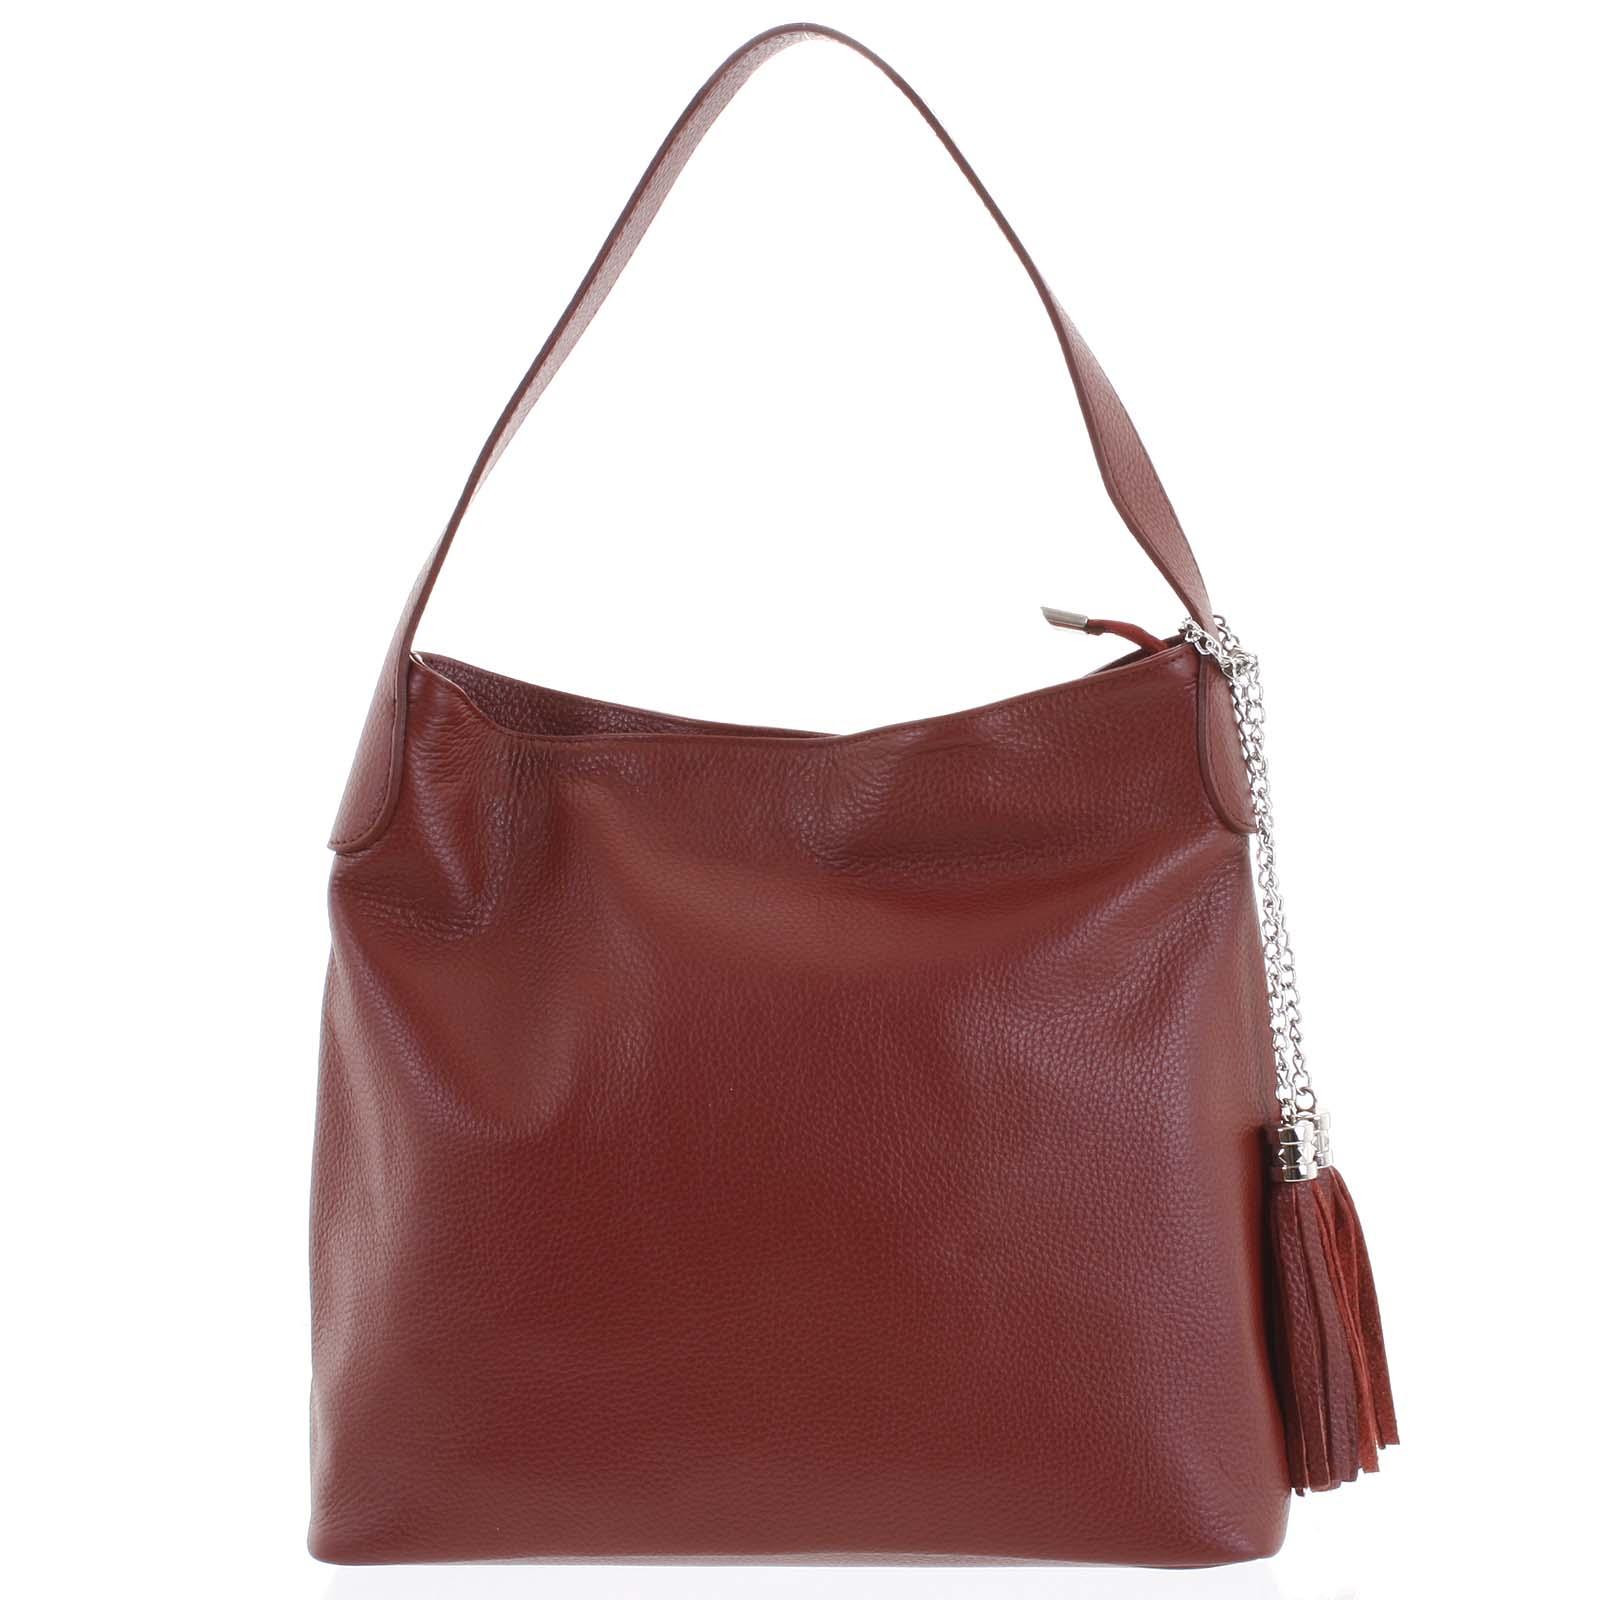 Módní kožená kabelka přes rameno bordó - ItalY Georgine